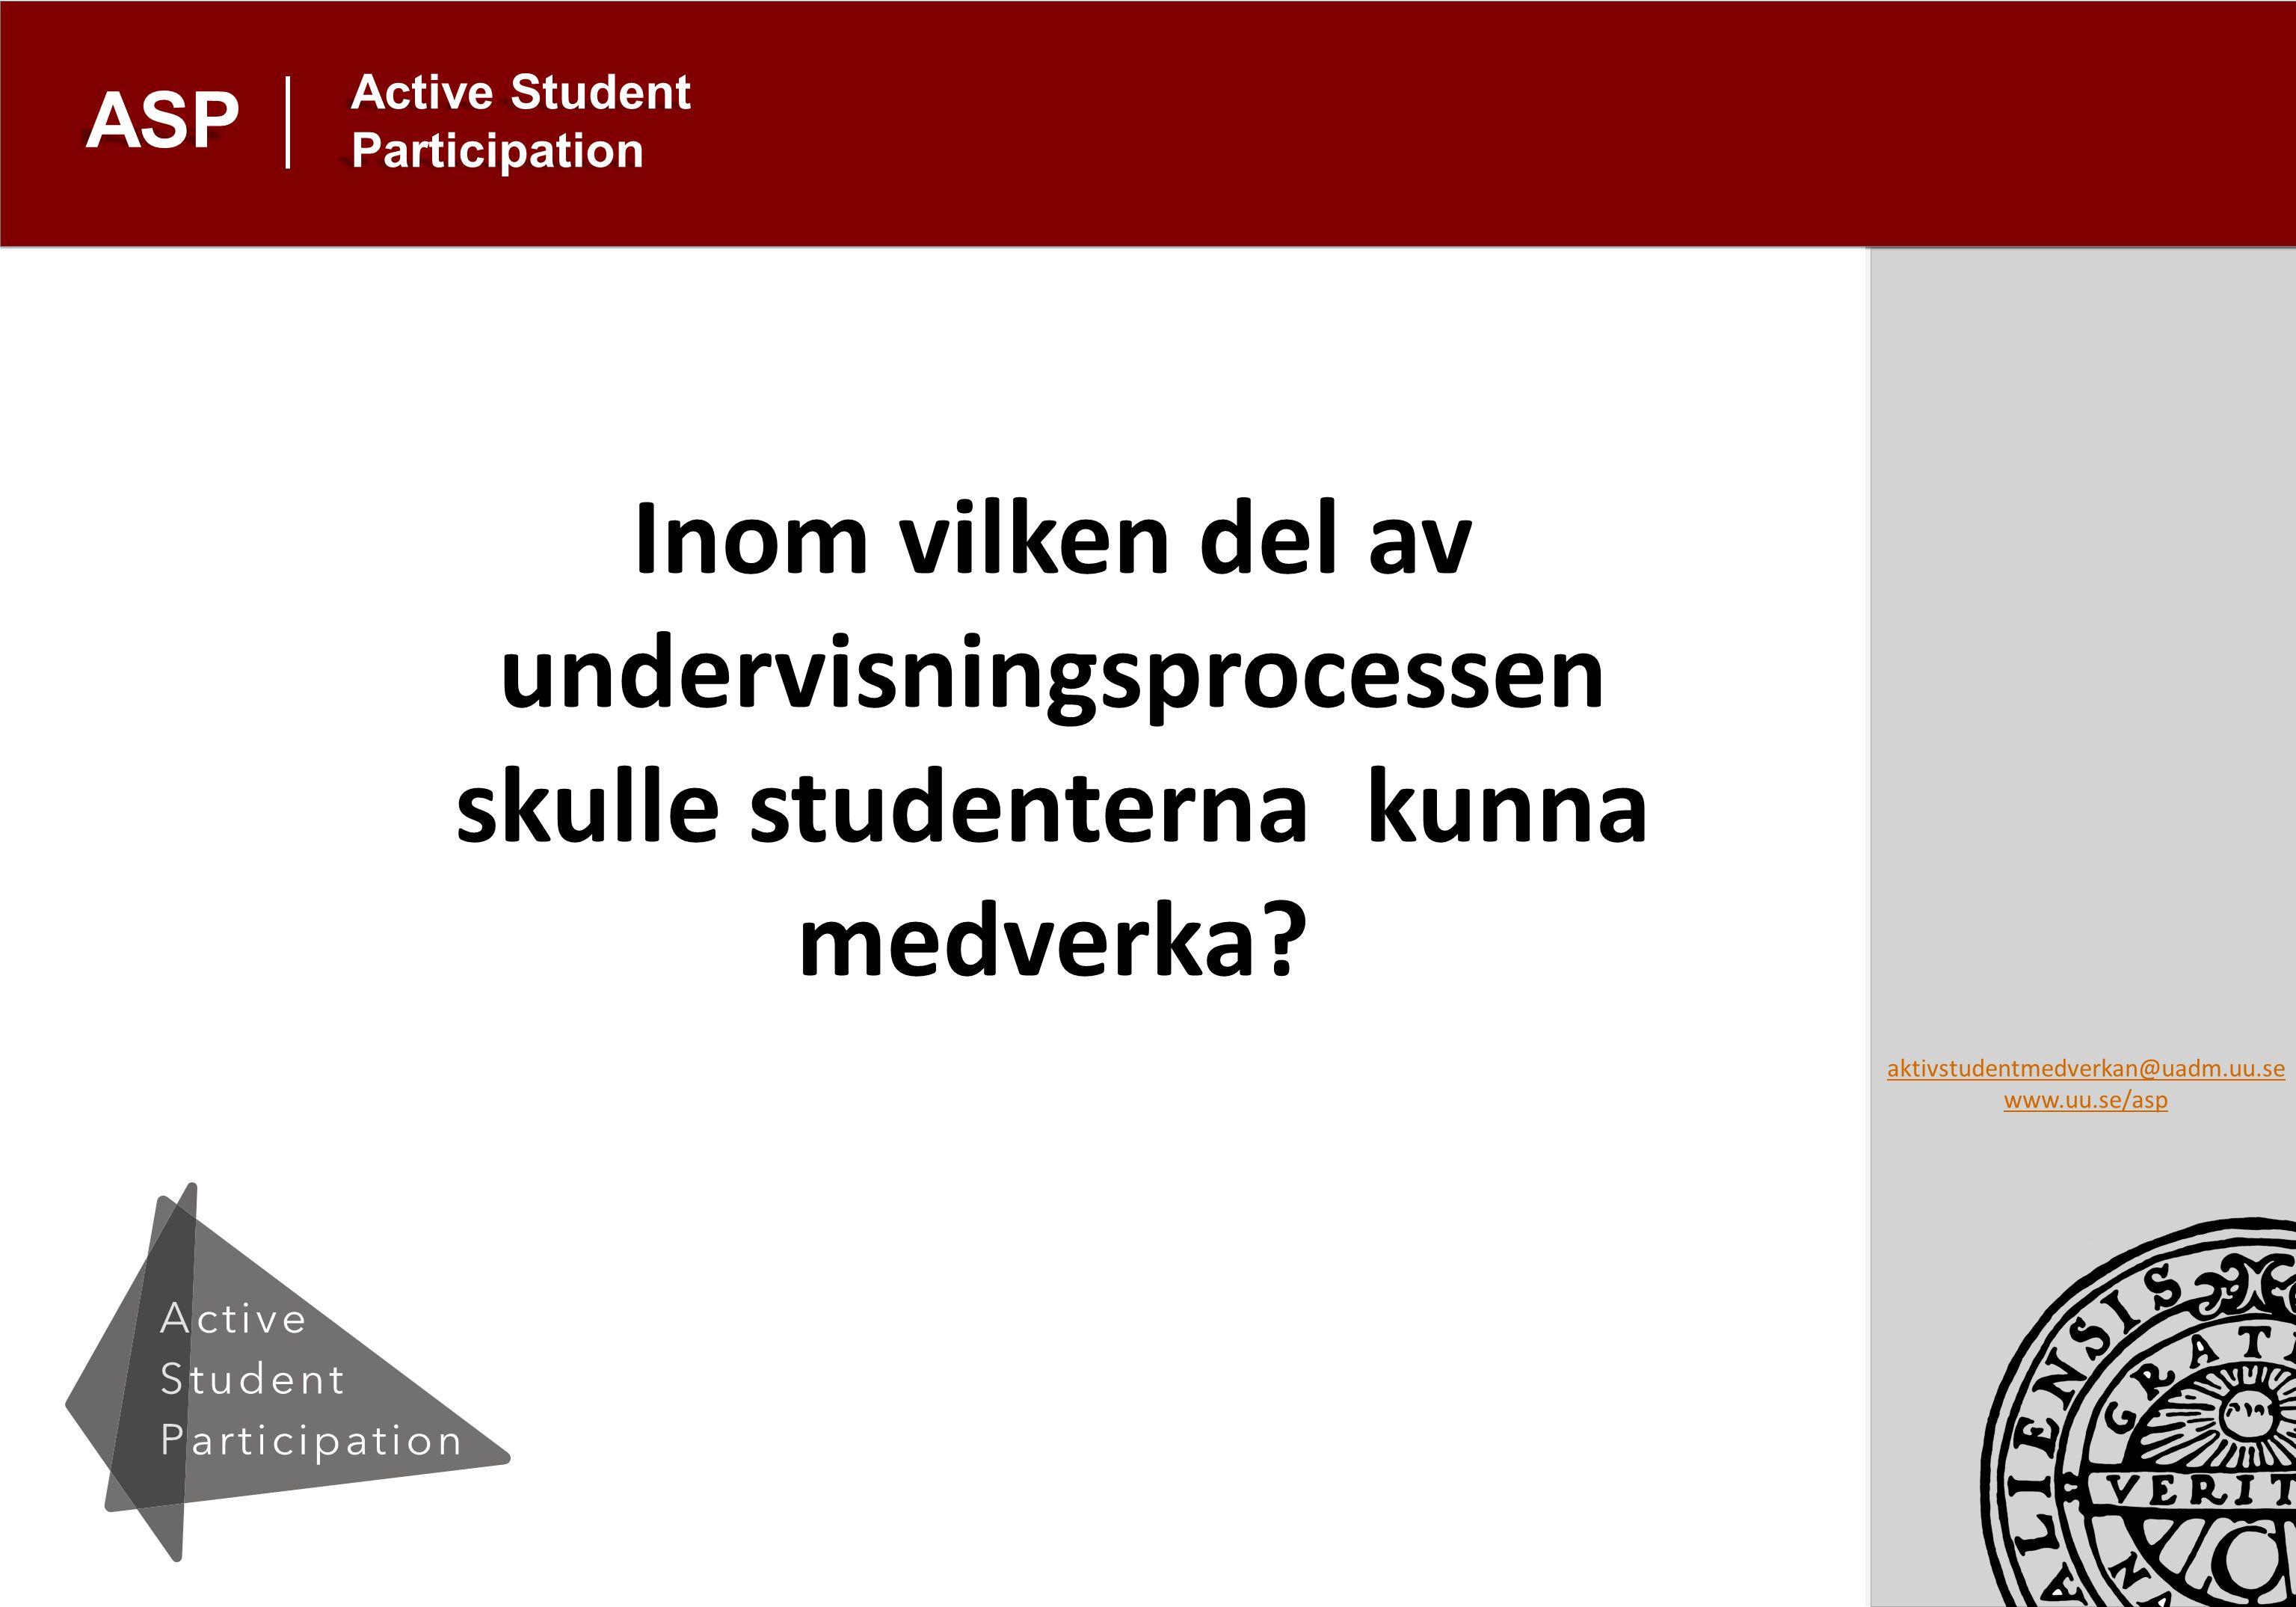 Kursutveckling ASP Active Student Participation Med studenter som redan har gått kursen, t.ex.